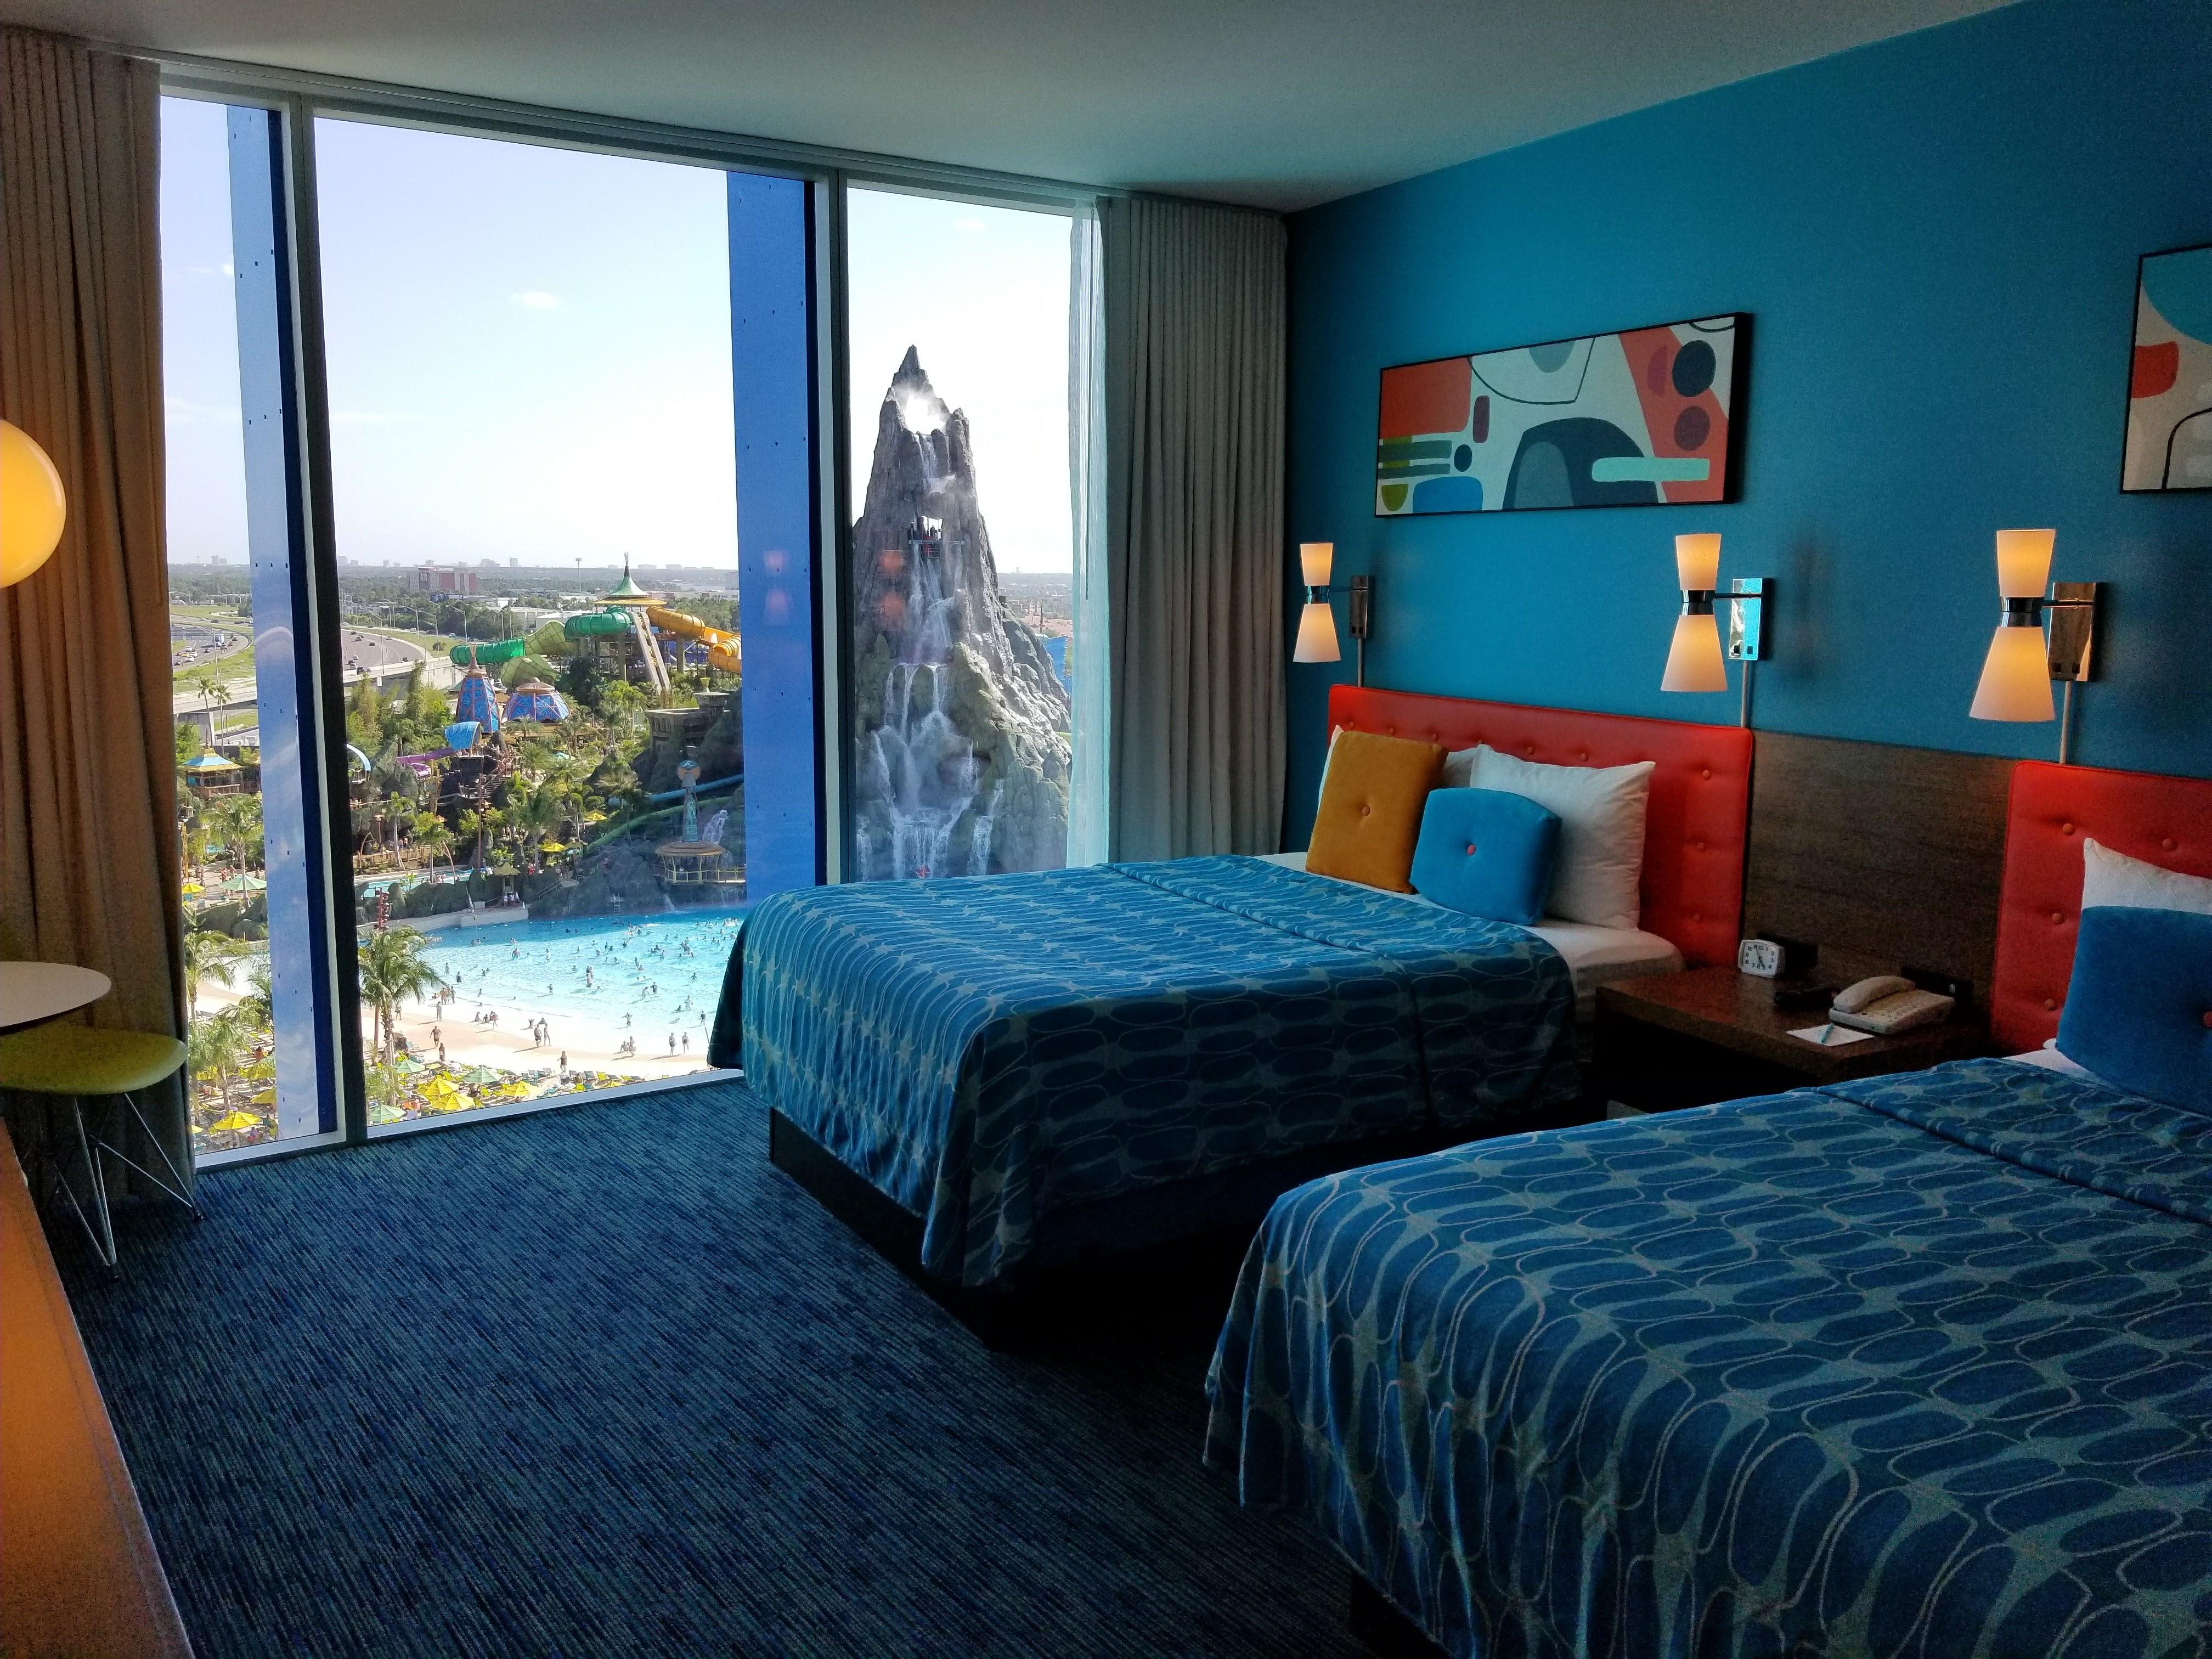 Hotel Cabana Bay Orlando